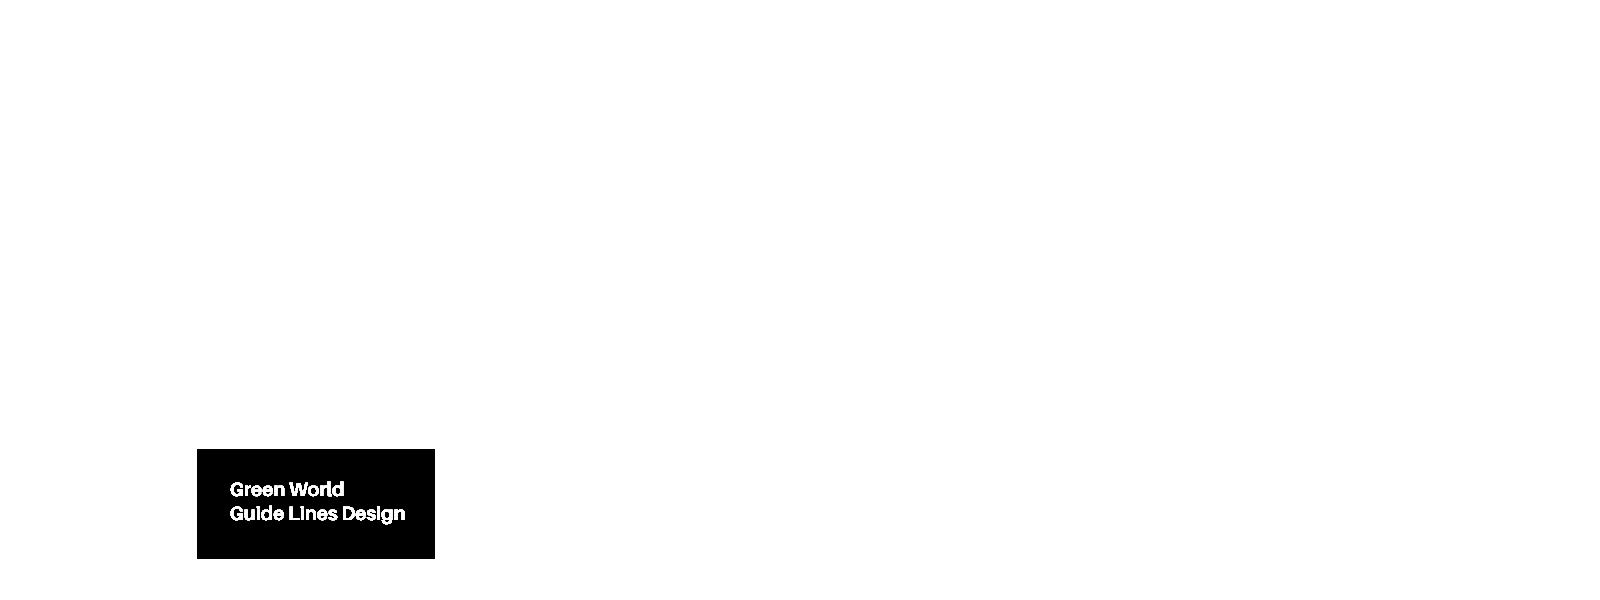 لایه ششم اسلایدر گرین ورلد ، هویت بصری ، طراحی لوگو ، طراحی لوگوتایپ ، شرکت تبلیغاتی ، شرکت تبلیغاتی الف ، گرین ورلد ، کود مایع گرین ورلد ، طراحی هویت بصری